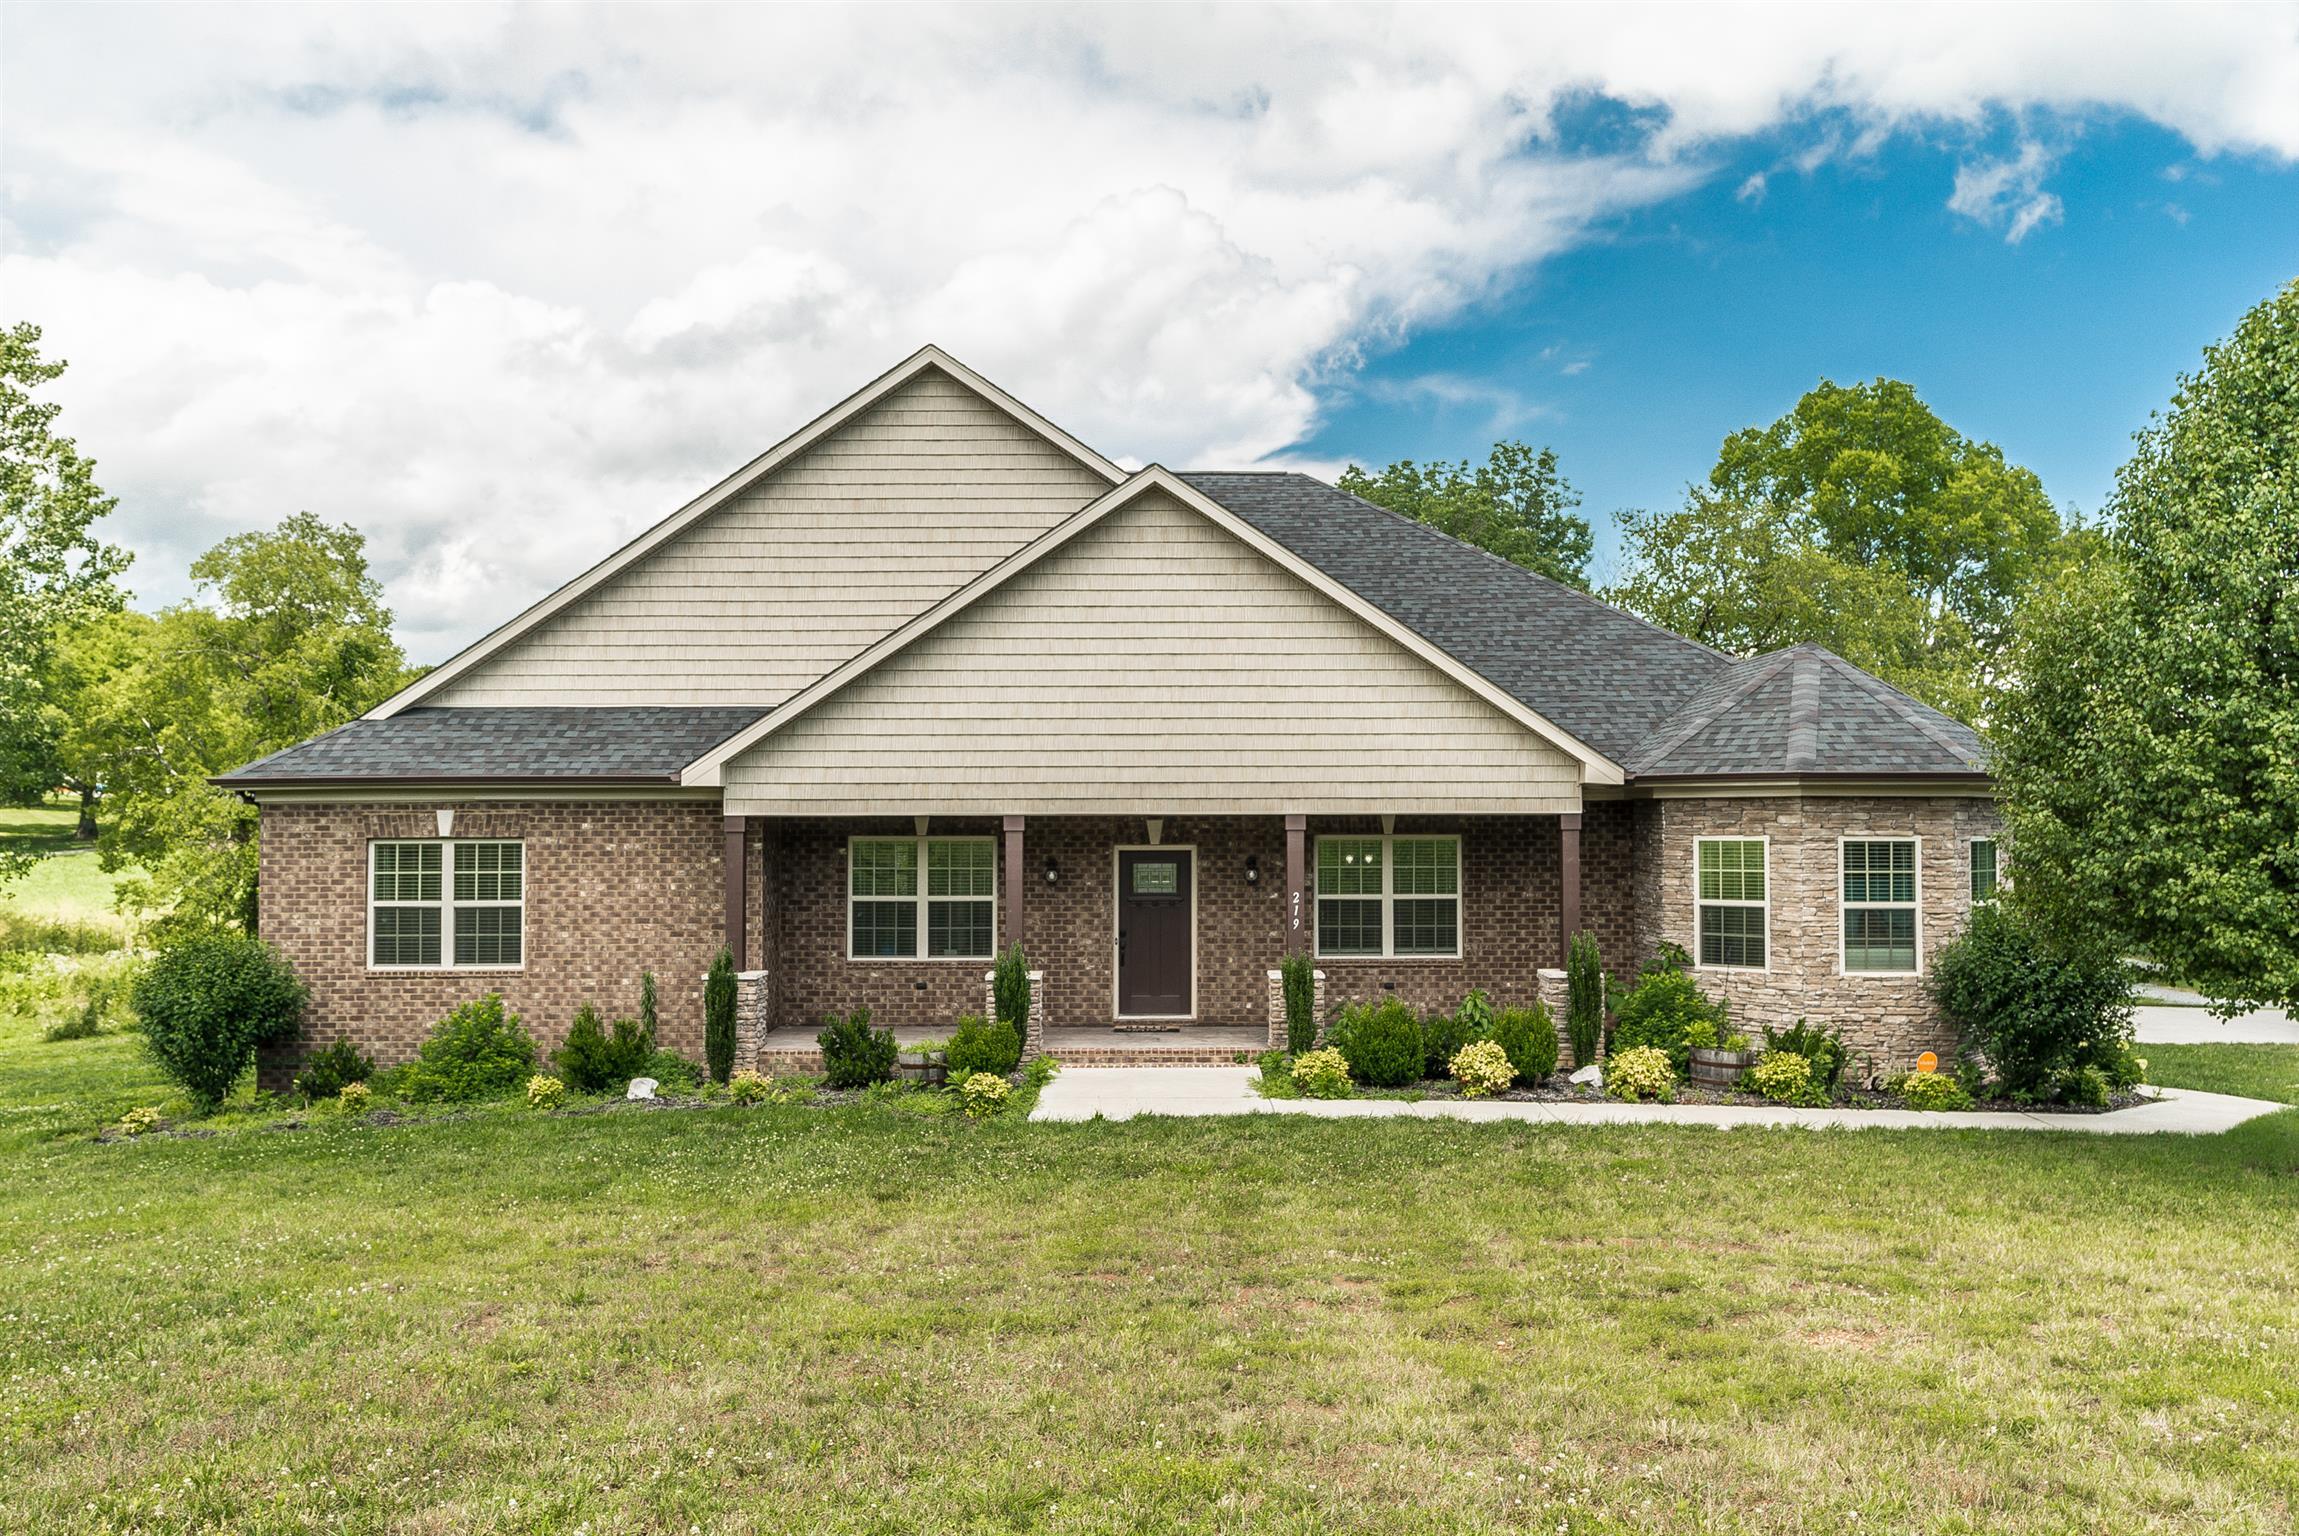 219 HARSH LANE, Castalian Springs, TN 37031 - Castalian Springs, TN real estate listing